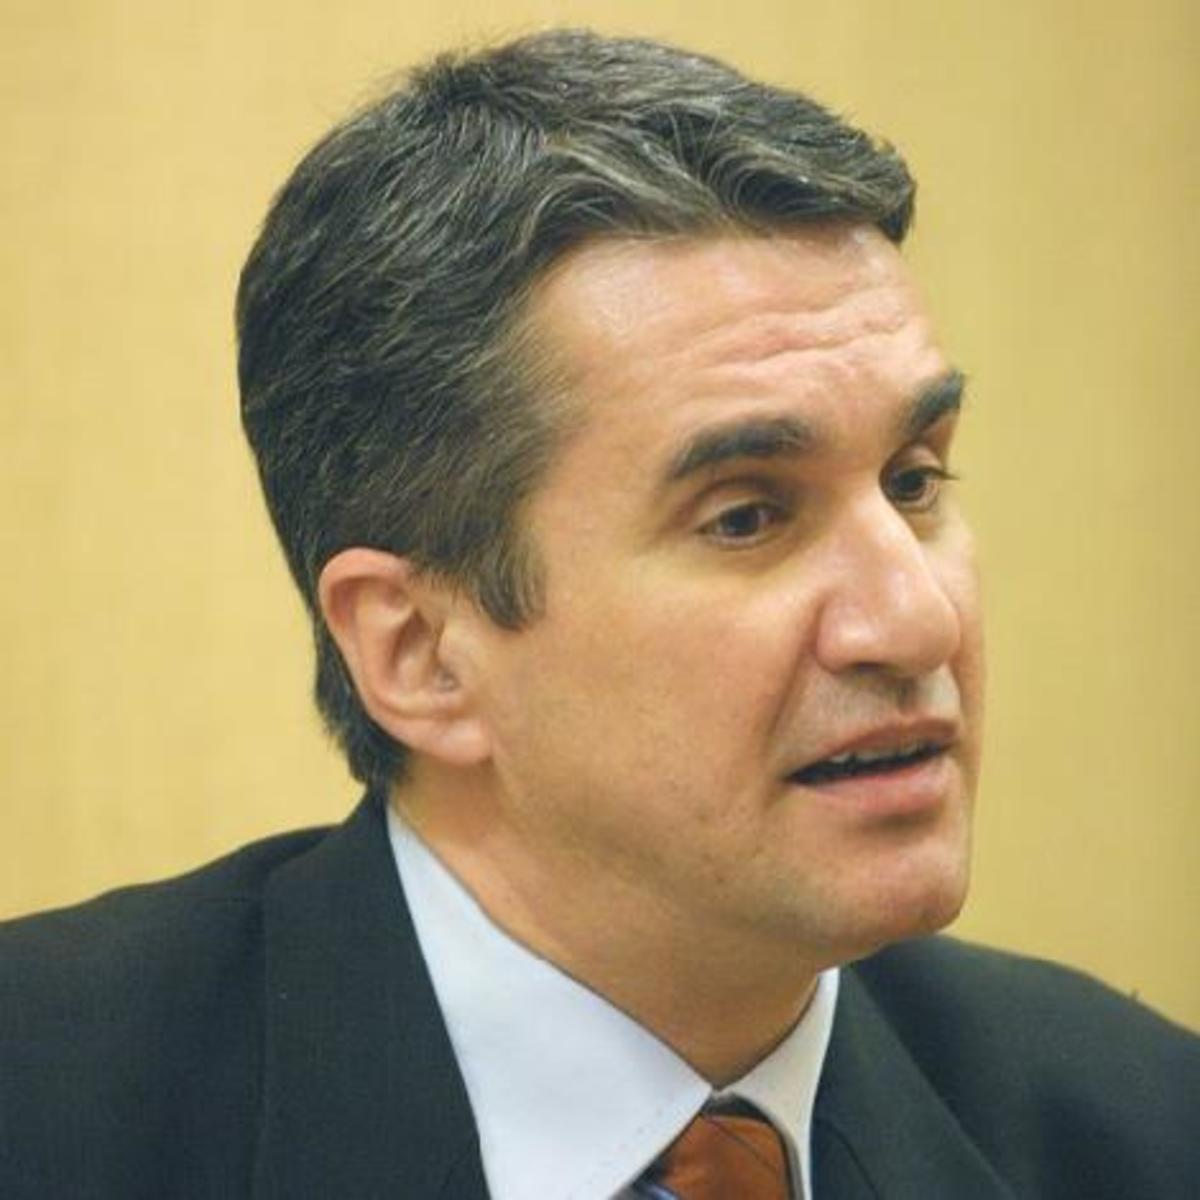 Ασφαλιστικό: Καταργούν το νόμο Πετραλιά | Newsit.gr